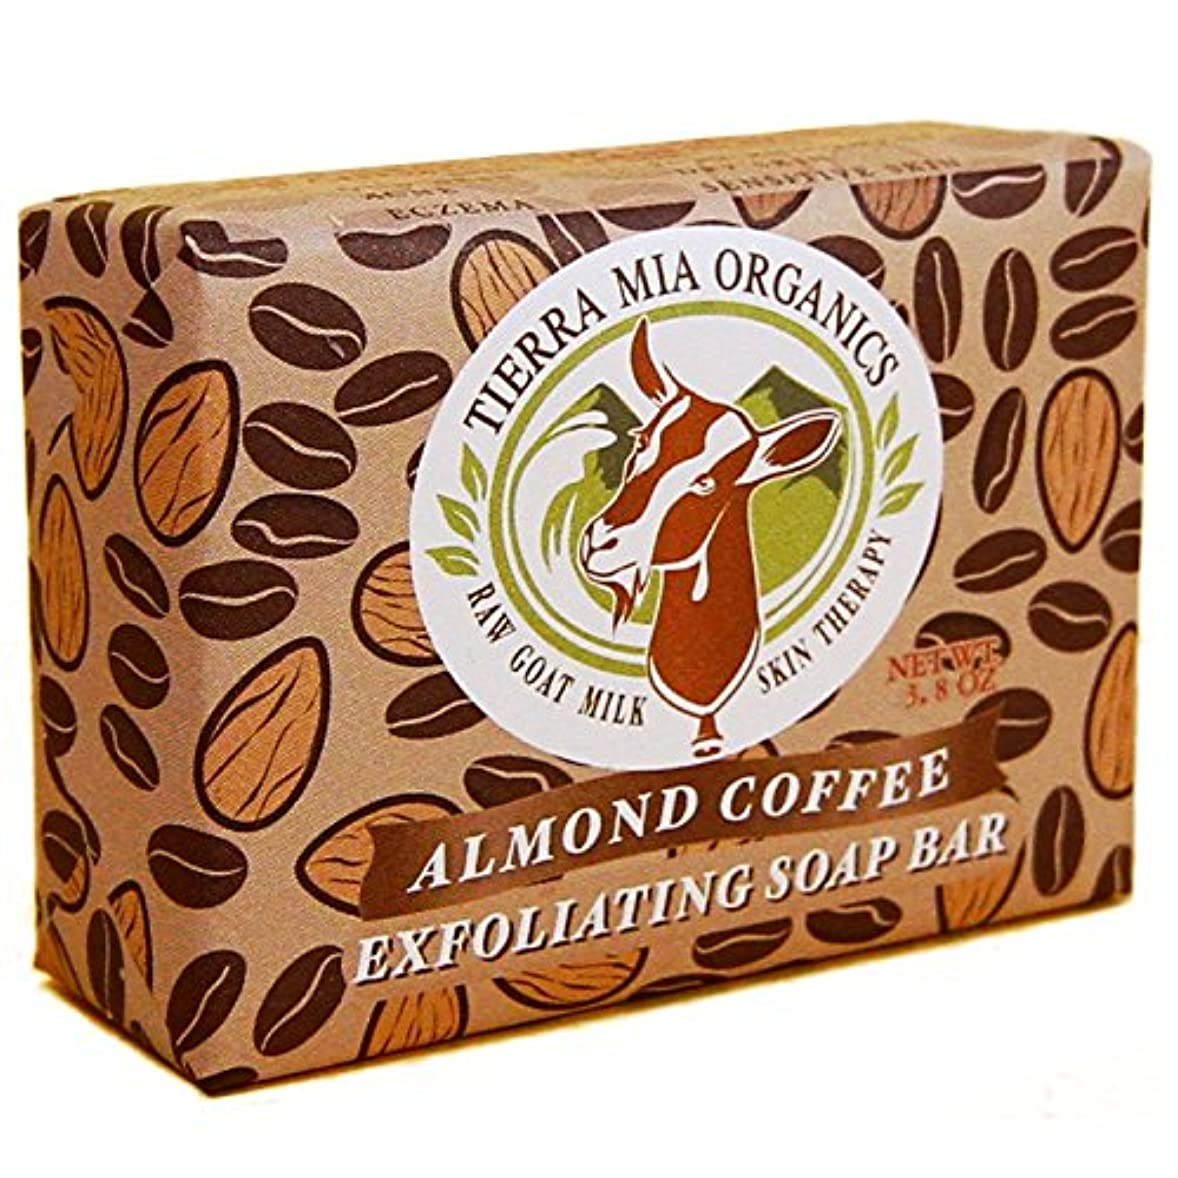 配管工人差し指証言Tierra Mia Organics, Raw Goat Milk Skin Therapy, Exfoliating Soap Bar, Almond Coffee, 3.8 oz